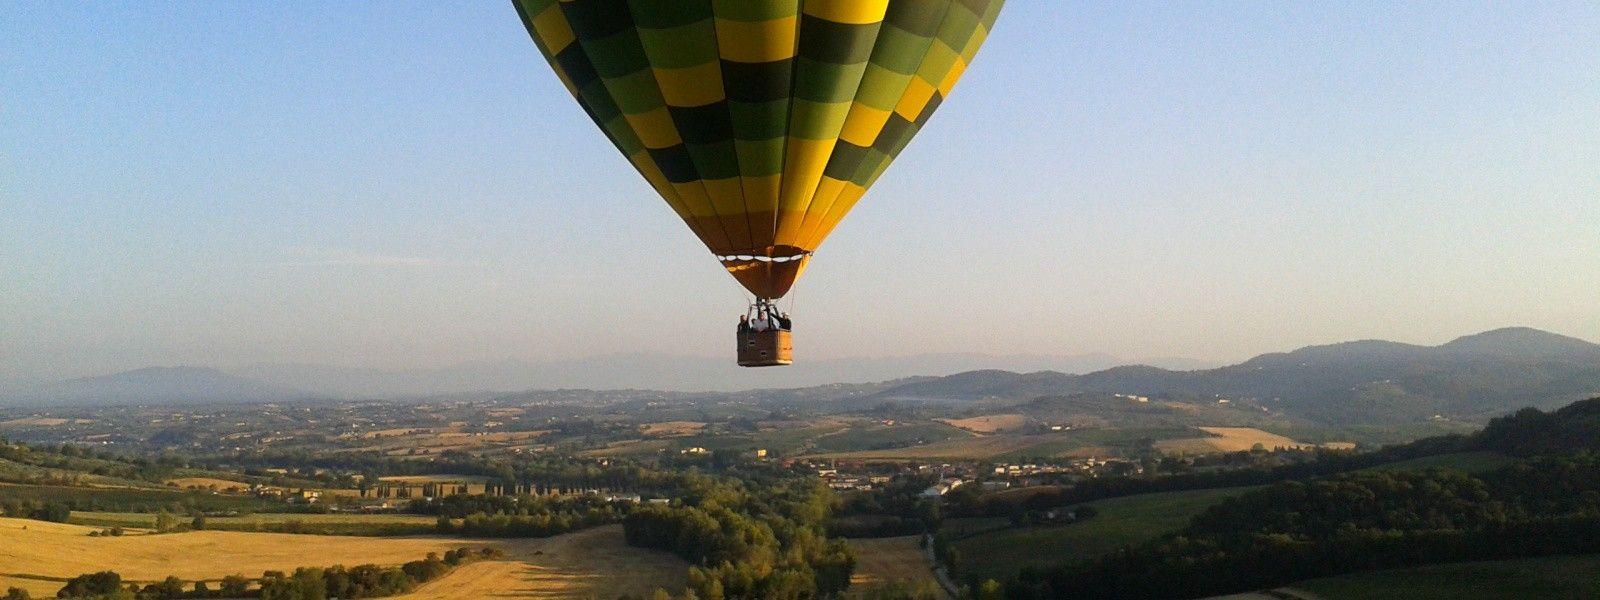 Passeio de Balão na Toscana #Luxúria